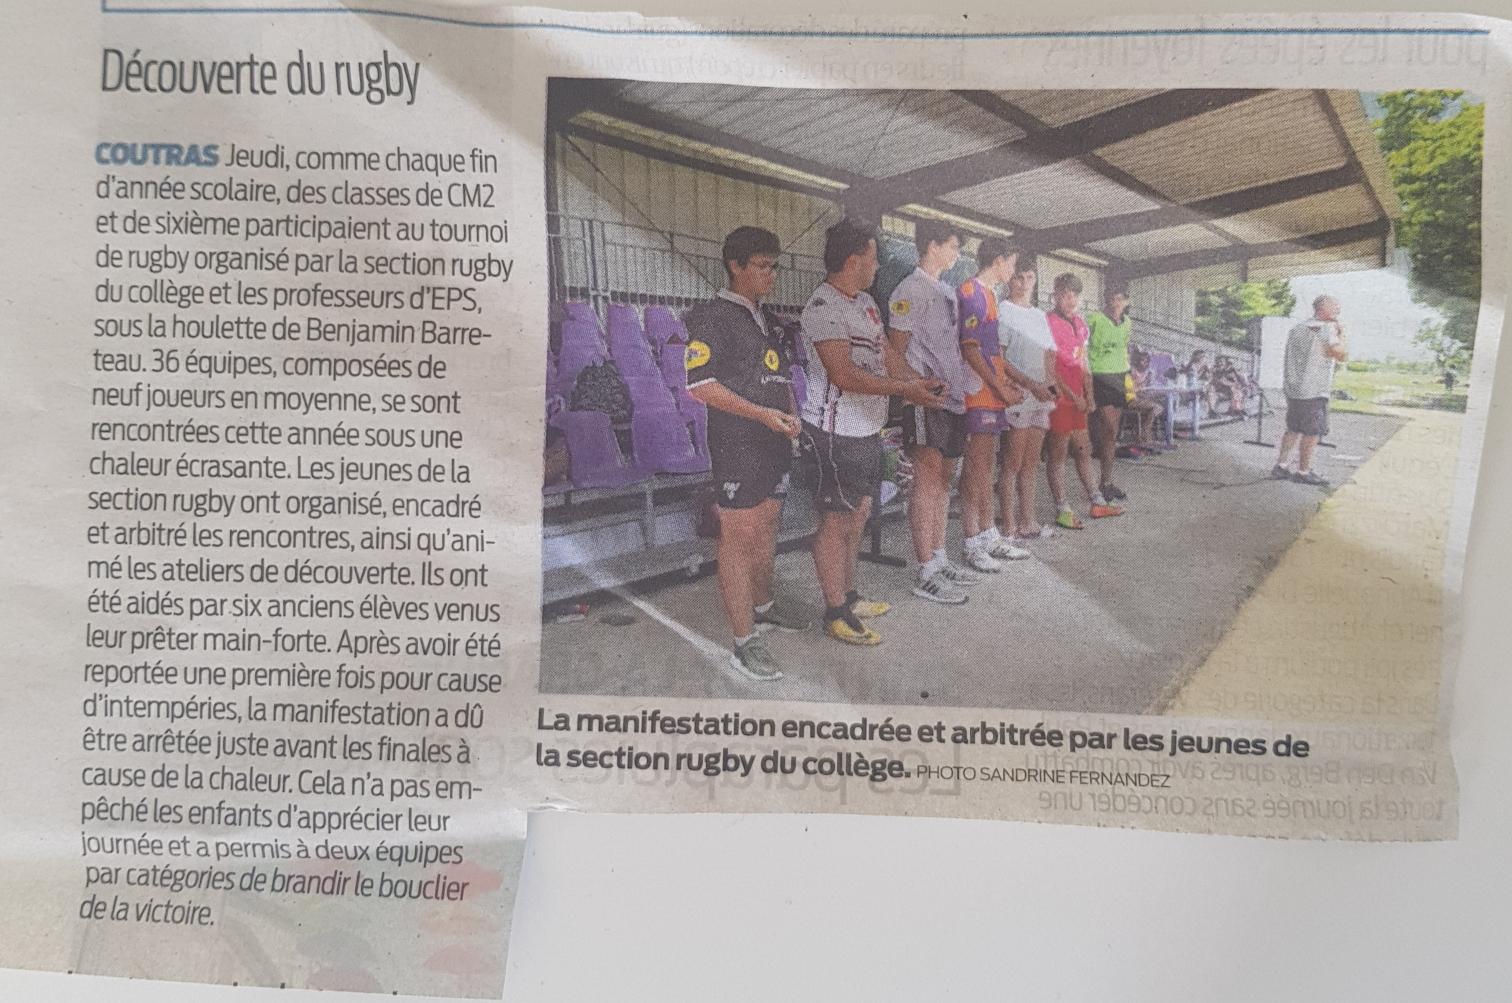 Le Rugby à l'Honneur à Coutras!